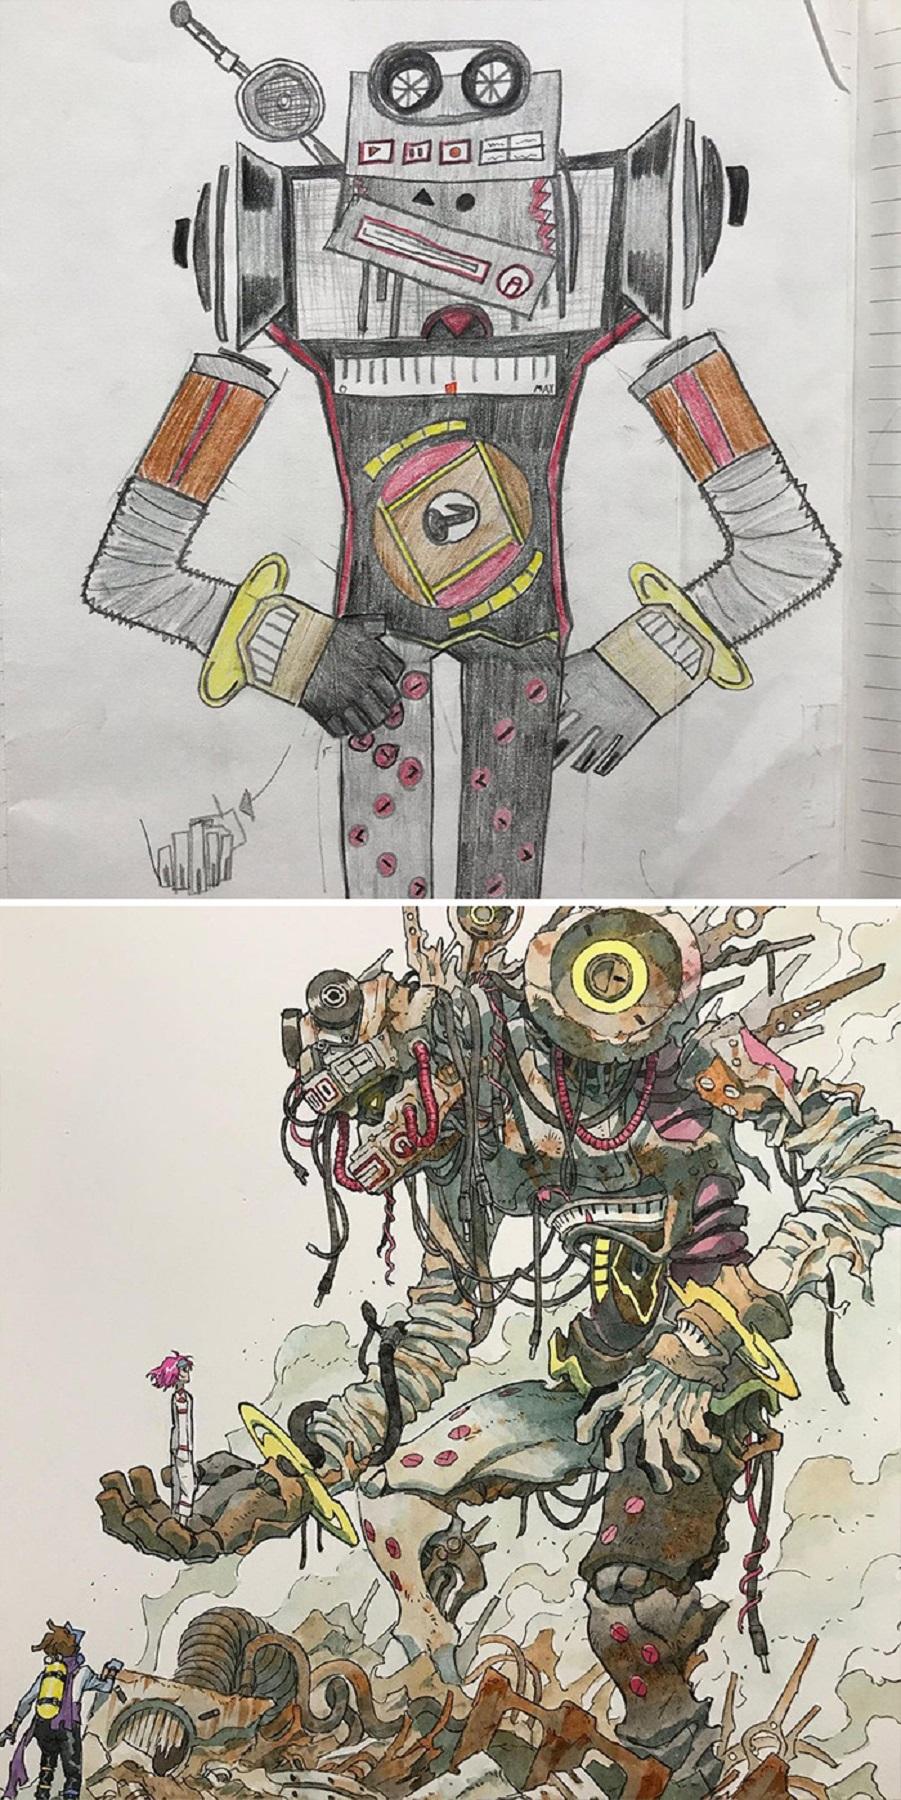 Thomas Romain artista frances transforma rabiscos em personagens de anime para incentivar lado artistico de seus filhos 7